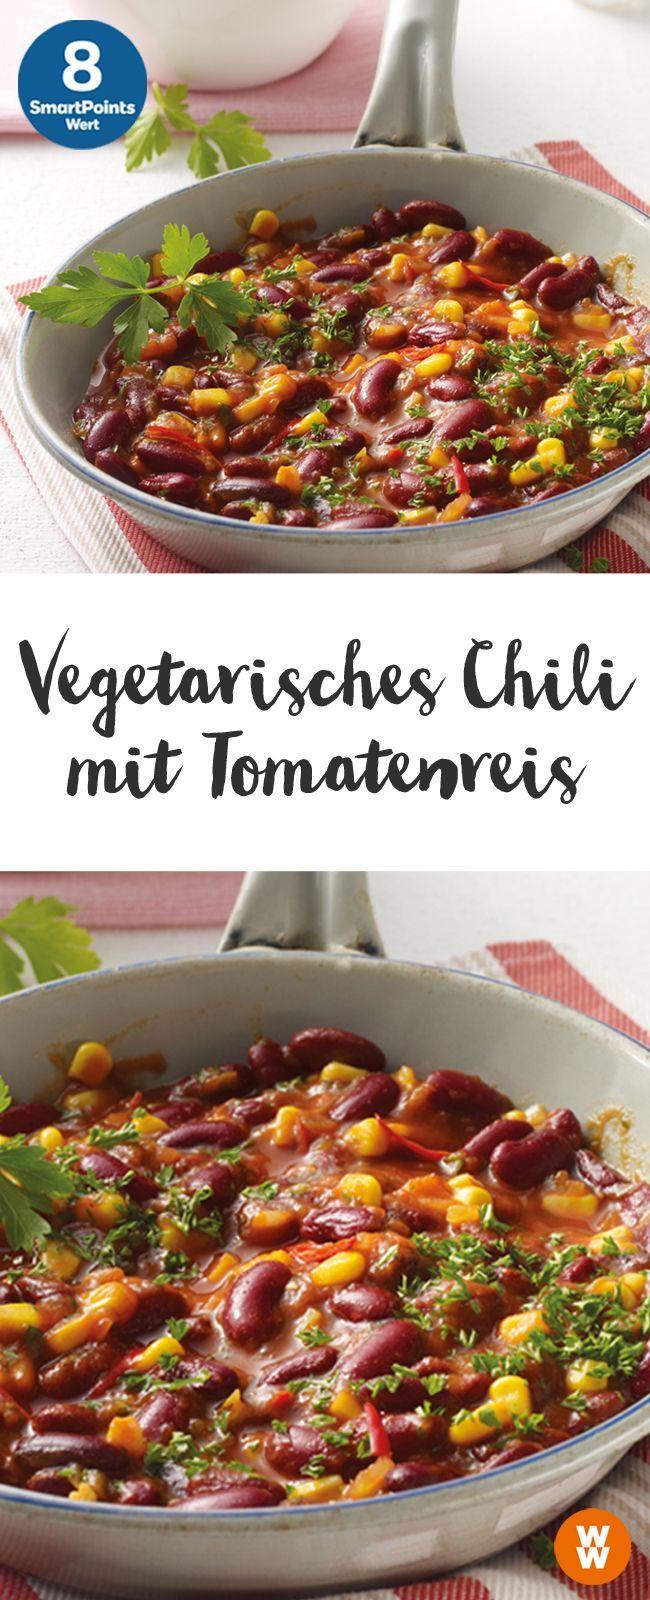 Vegetarischer Paprika mit Tomatenreis   - Vegetarisch genießen -